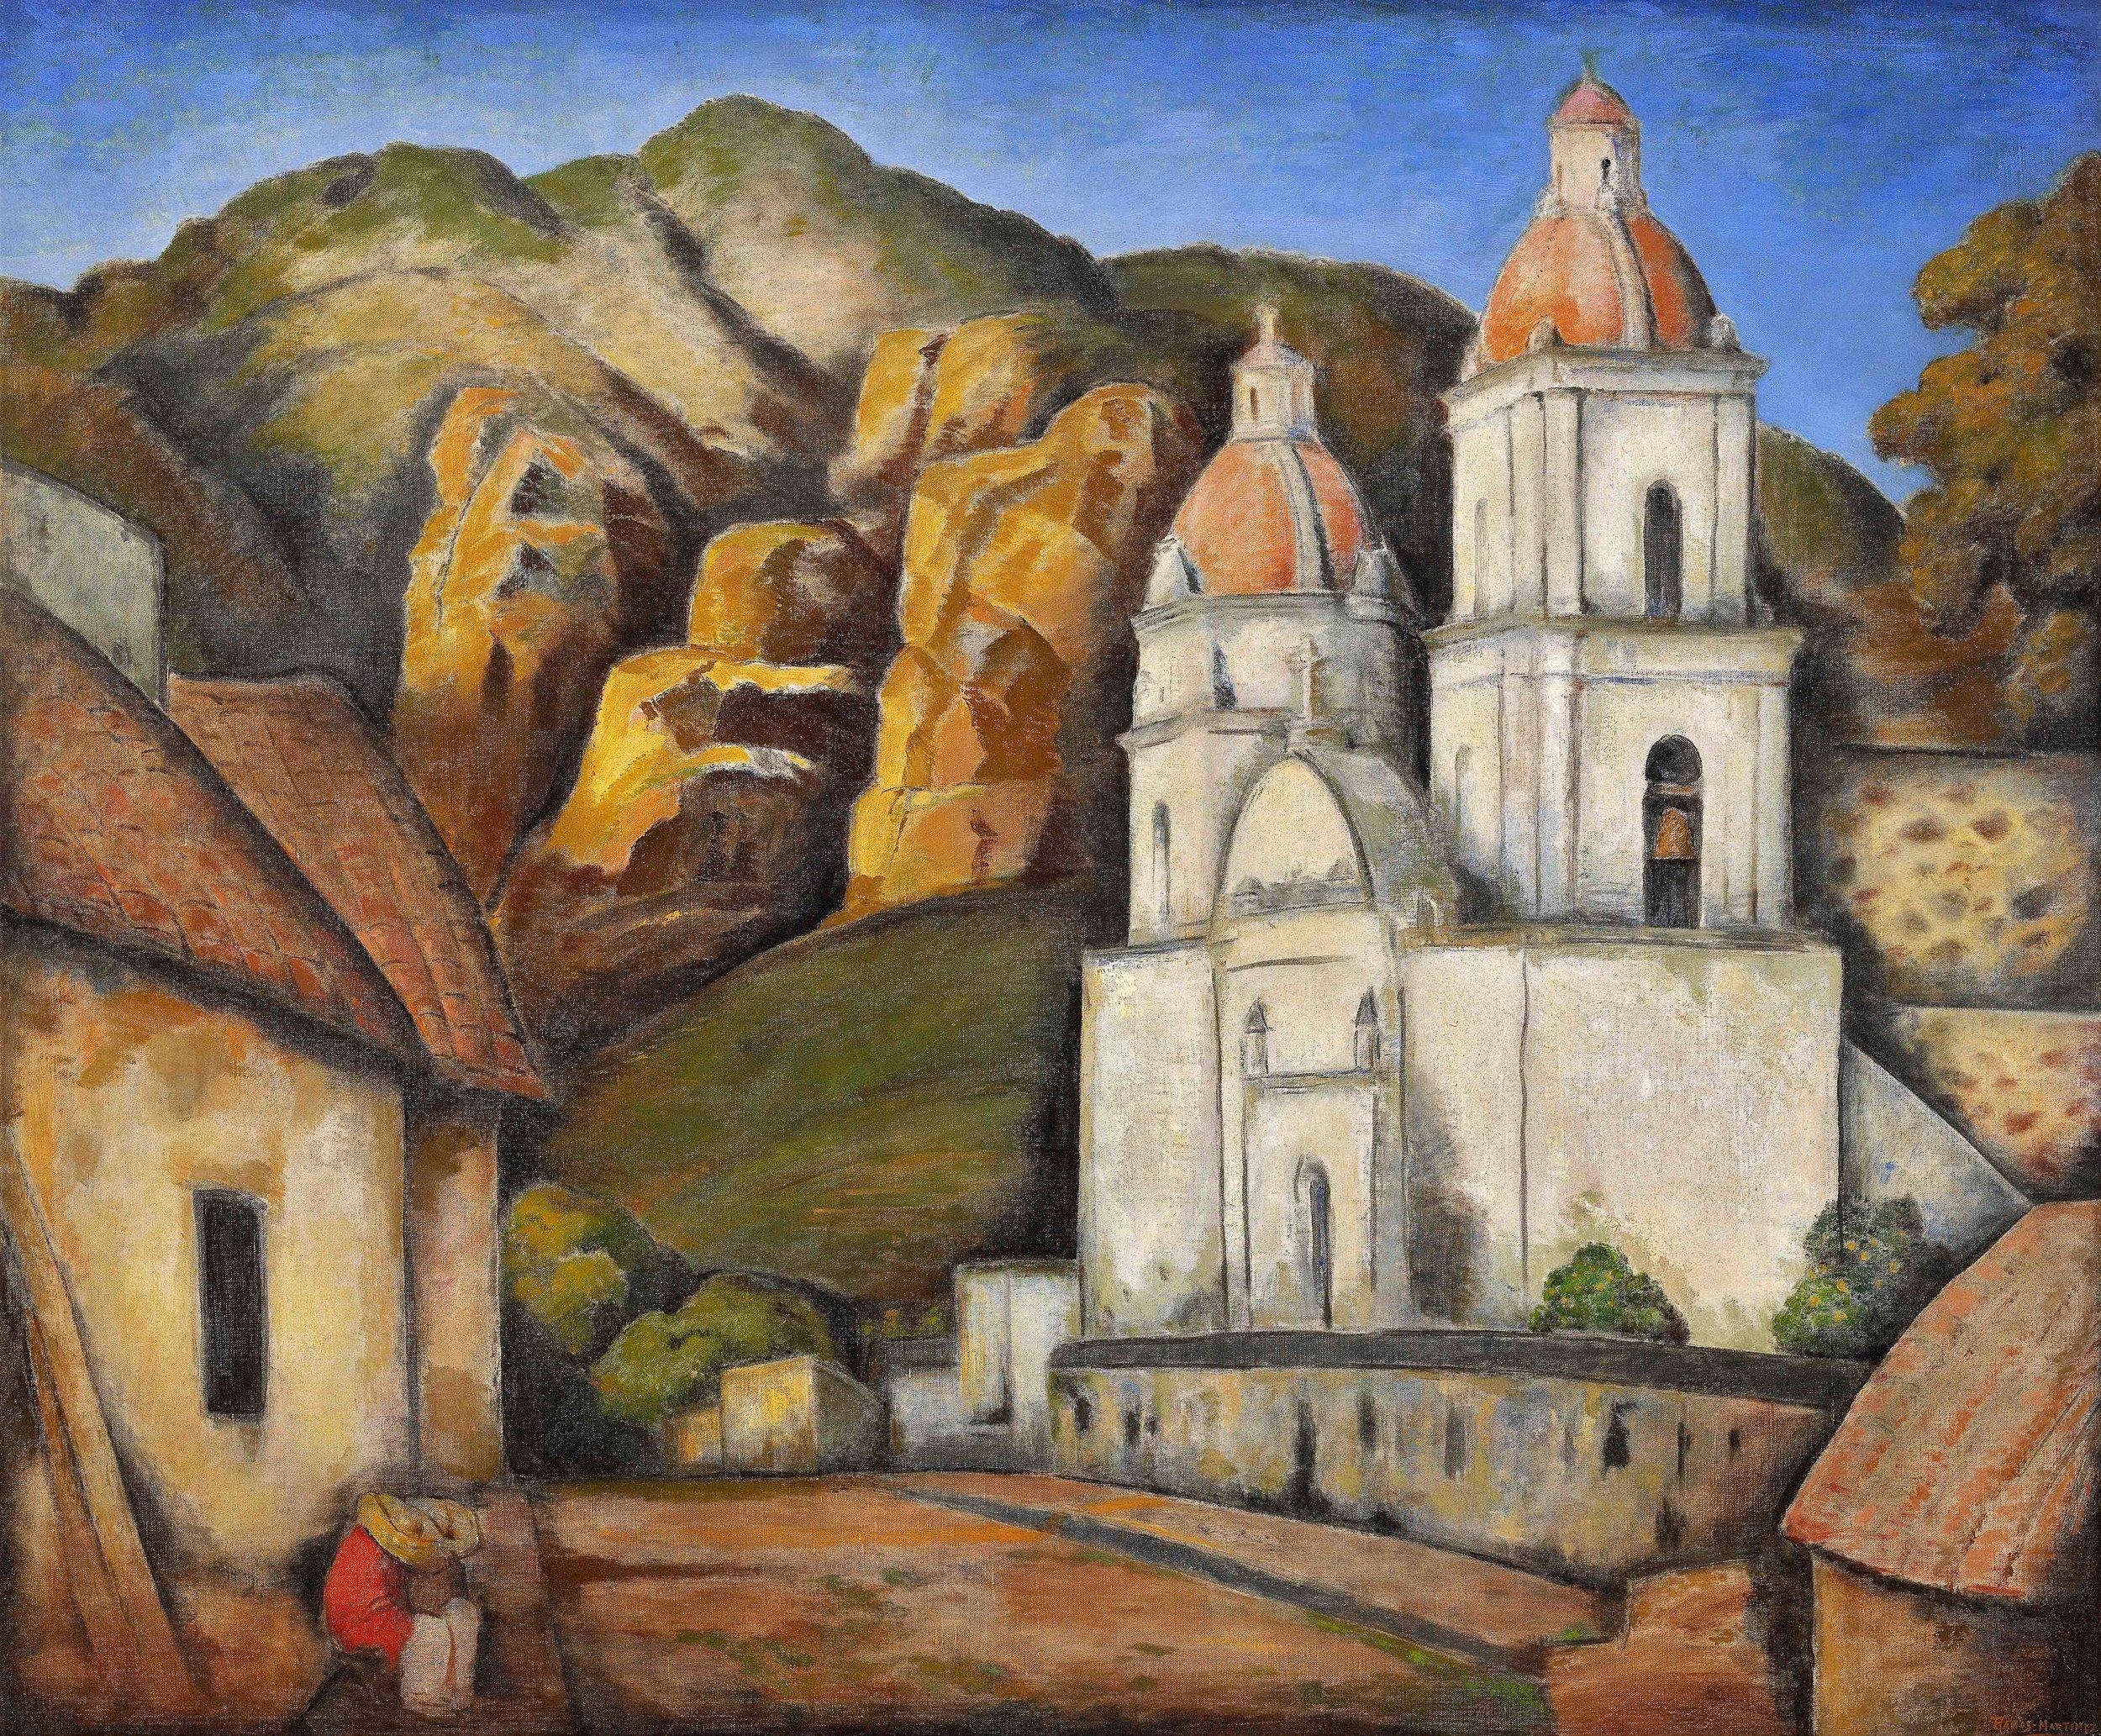 La Iglesia de Texcoco / The Church of Texcoco  1930 oil on canvas / óleo sobre tela 40 x 48 inches;101.6 x 121.9 centímetros Private collection